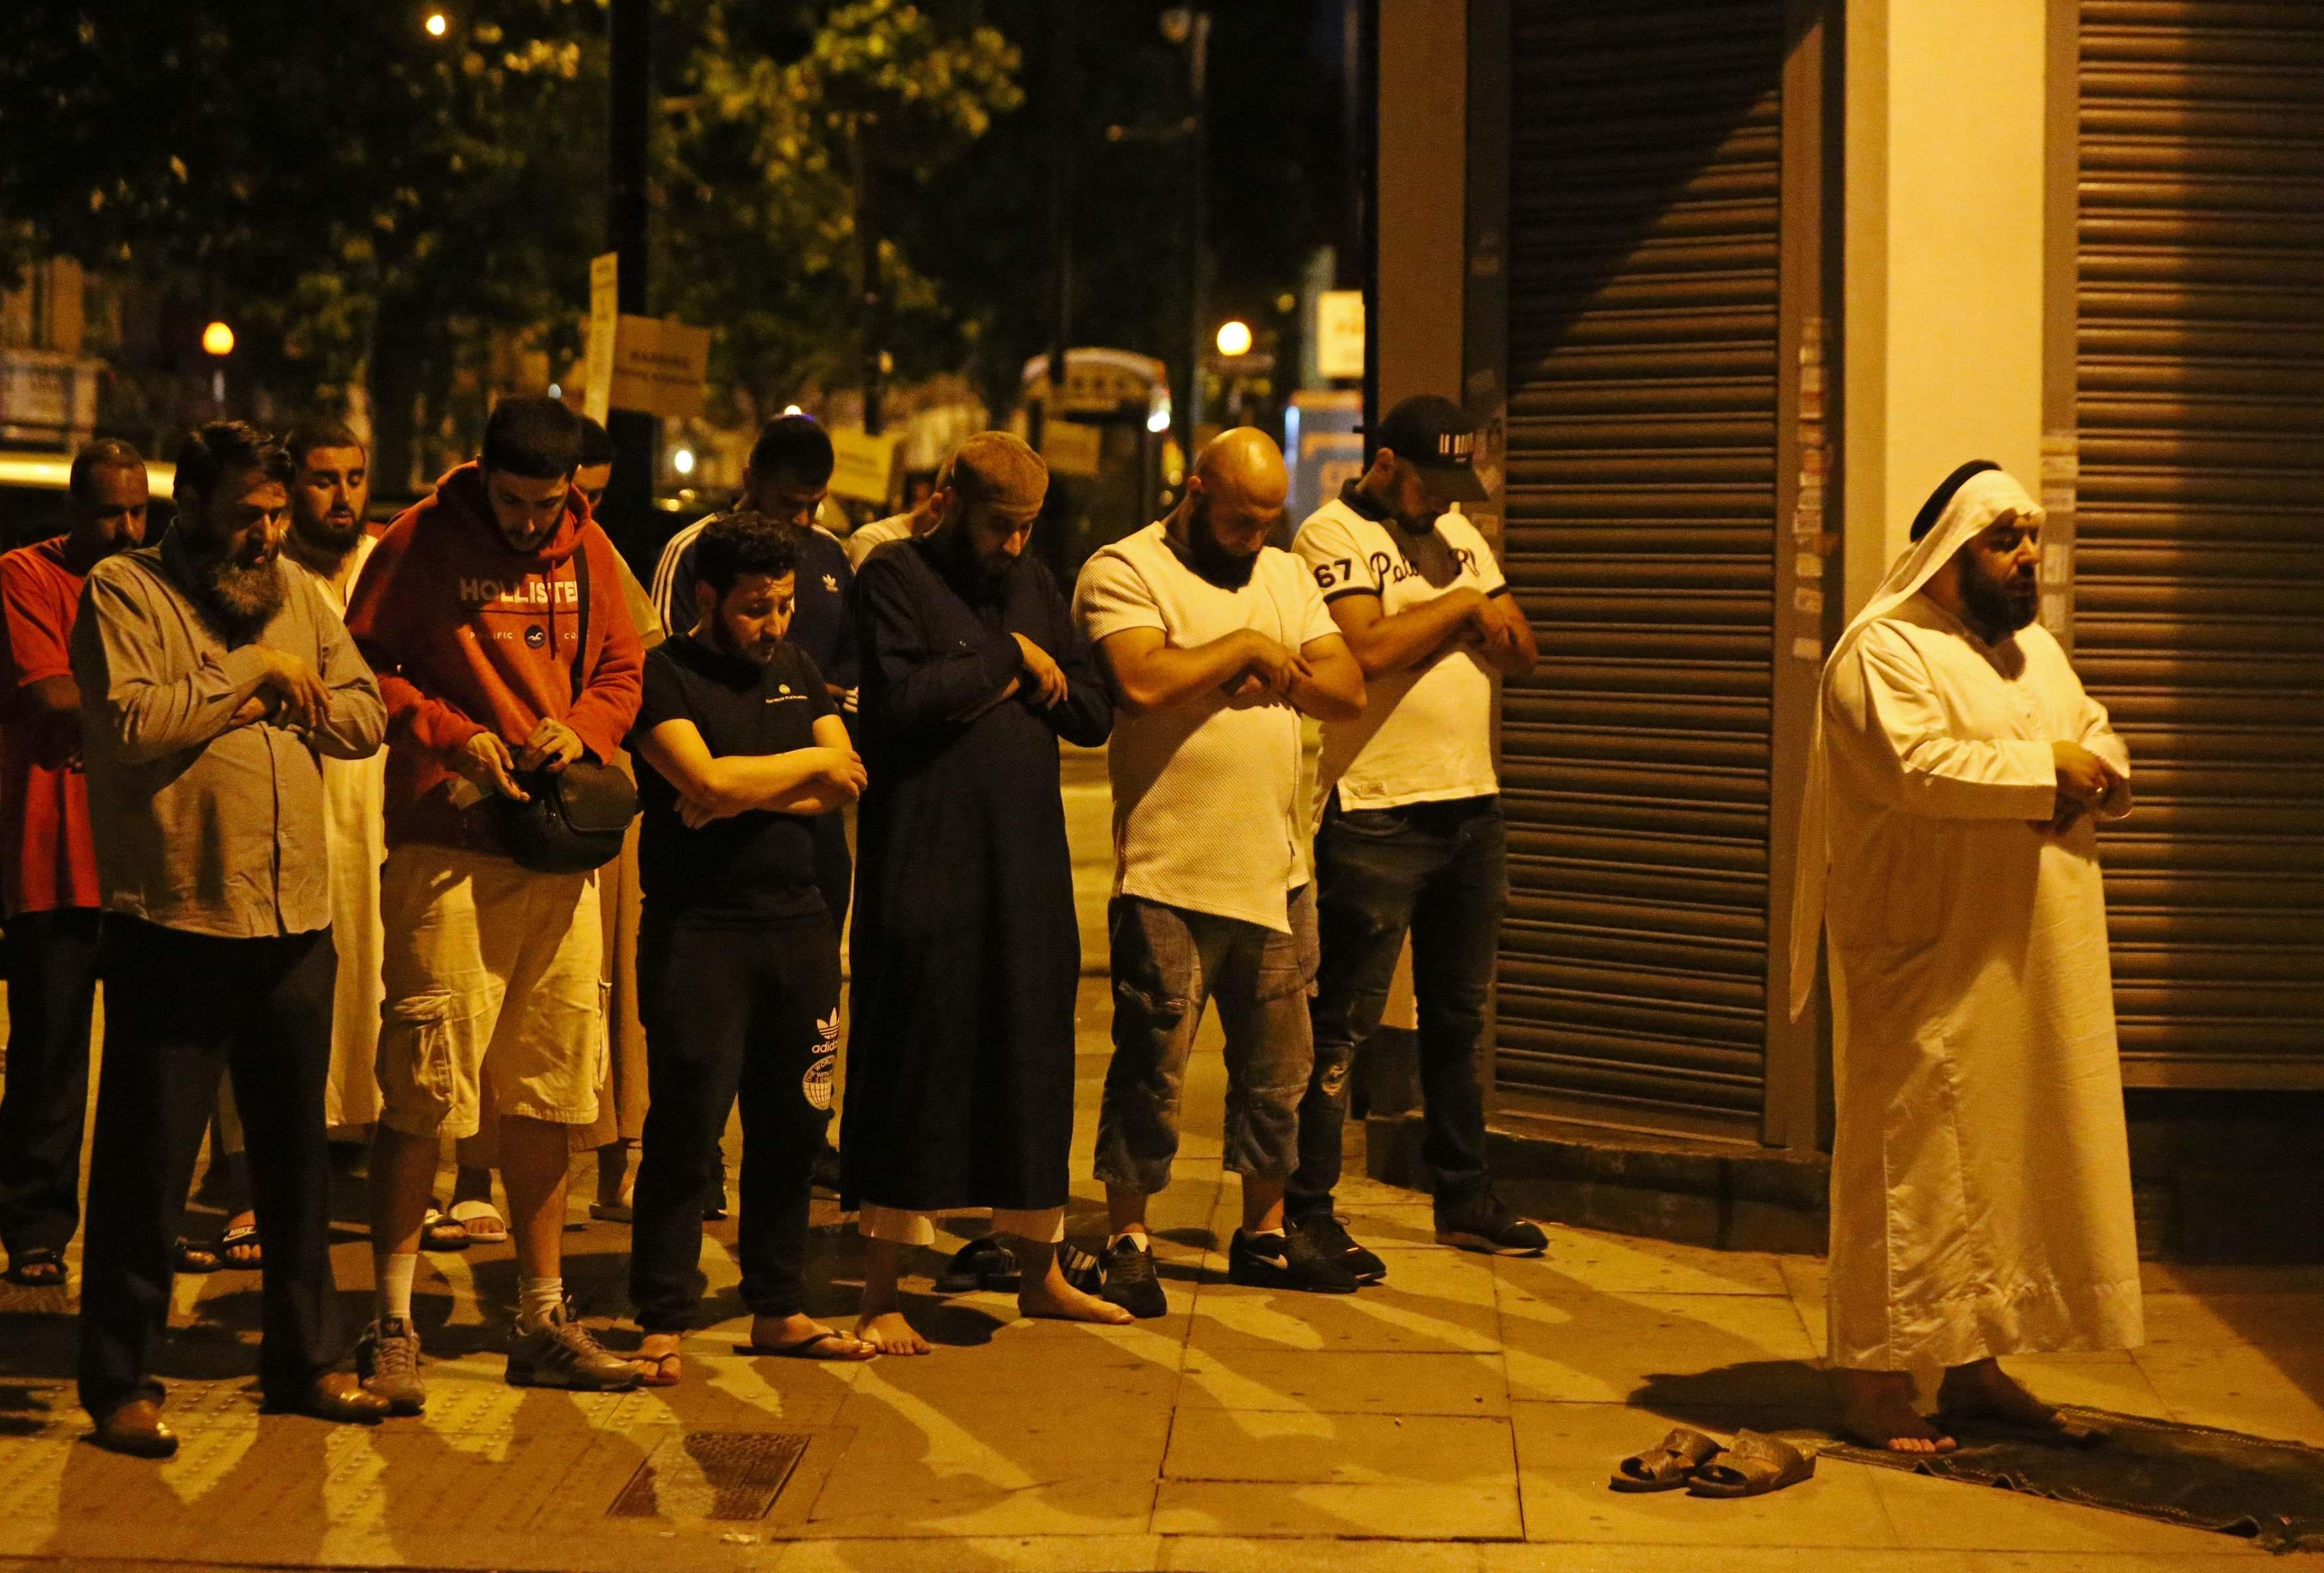 مسلمون فى بريطانيا يصلون على أرواح الضحايا بمحيط الحادث